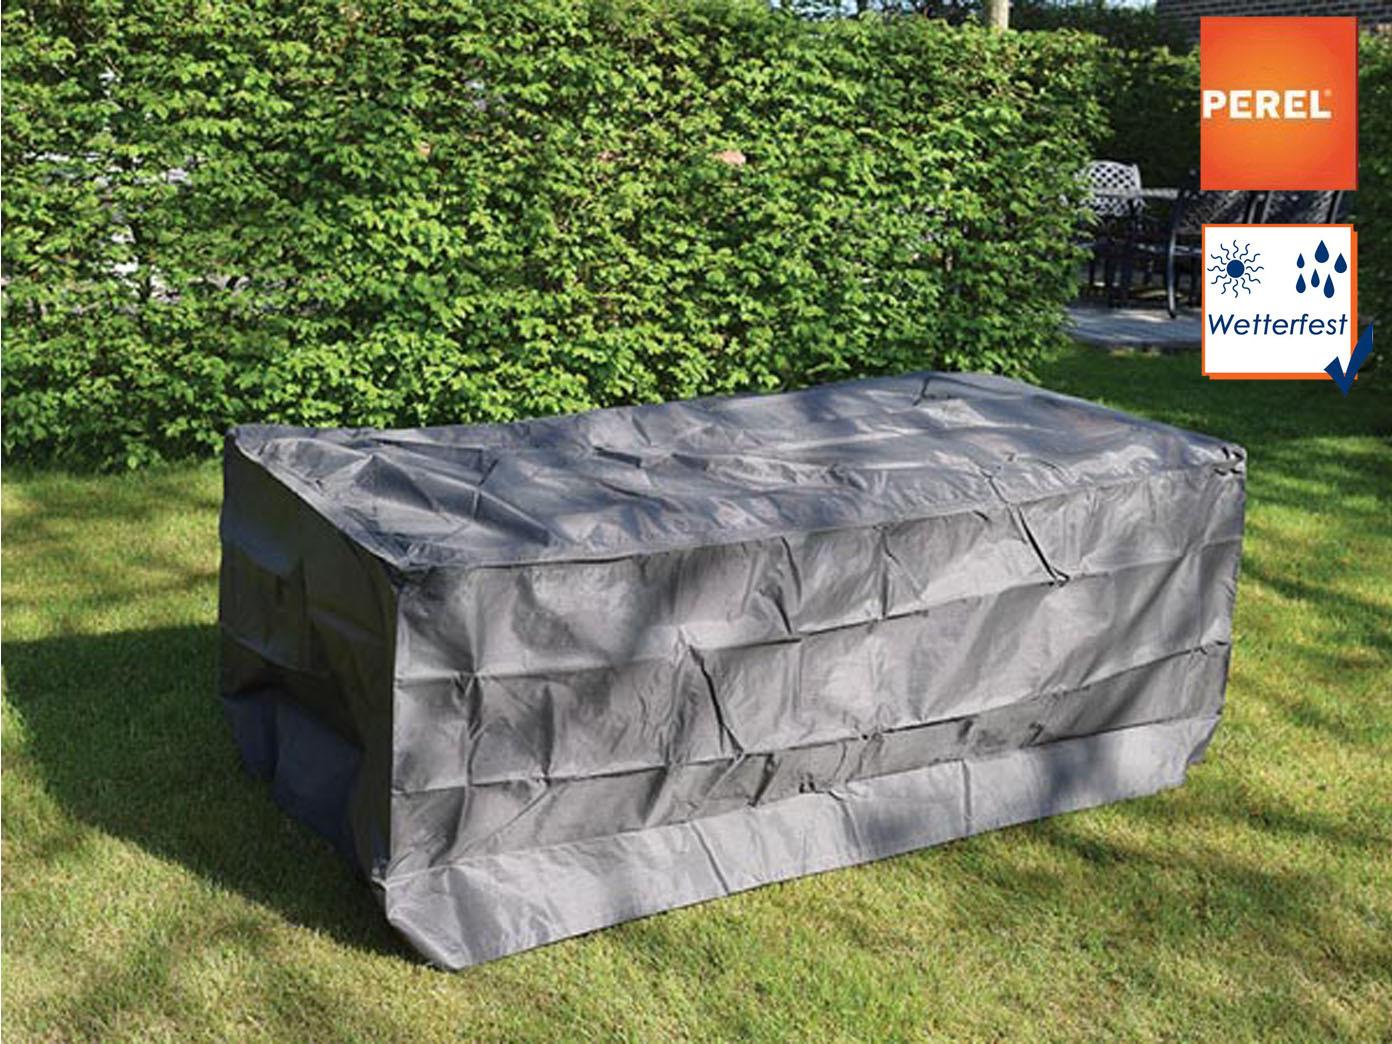 Gartenmöbel Abdeckung.Gartenmöbel Abdeckung Schutzhülle Für Gartentisch Max 180cm Plane Wetterfest Yatego Com